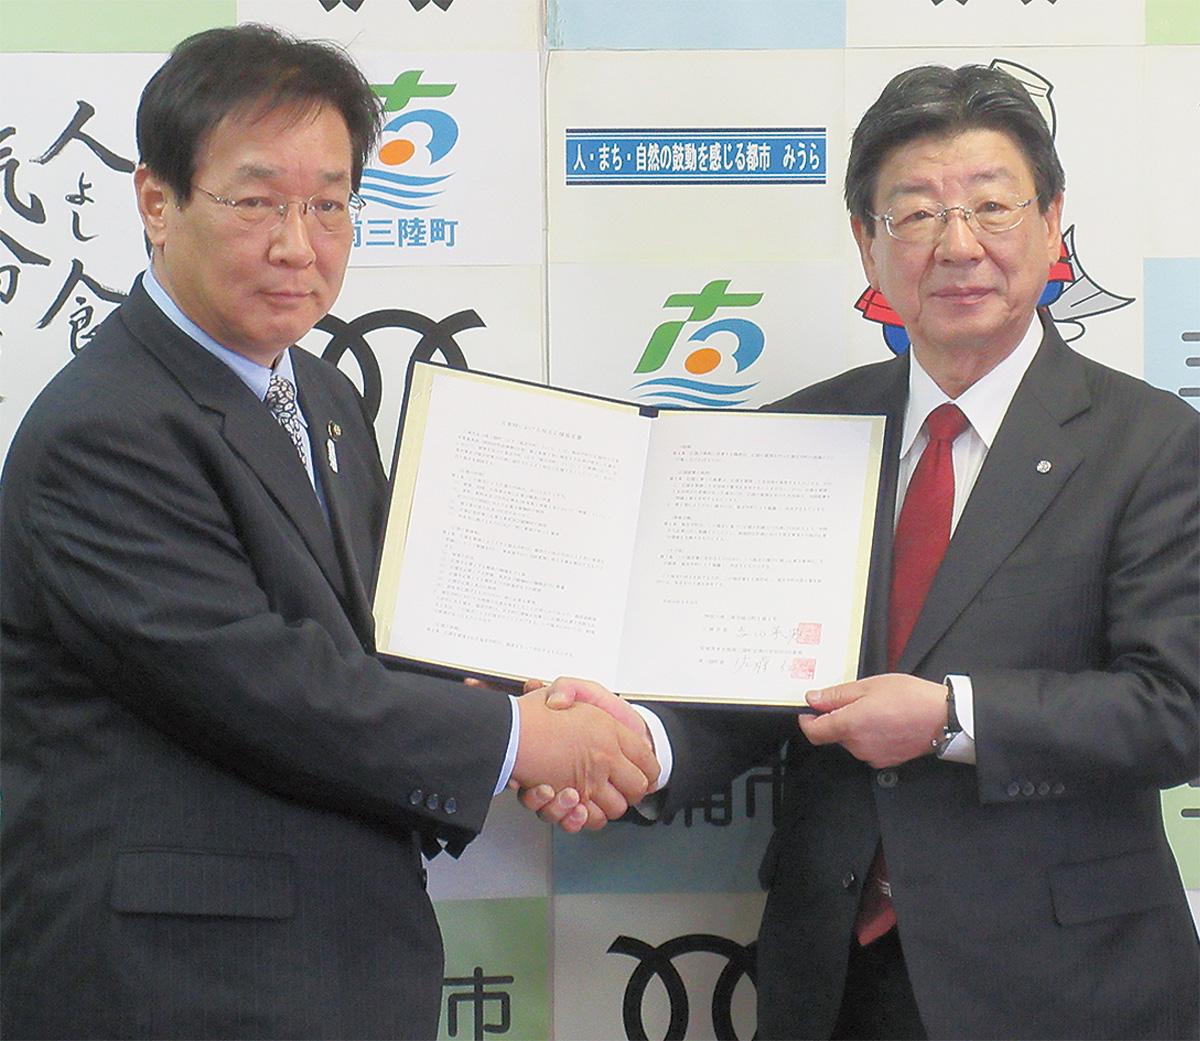 協定書に調印し、相互連携を確認した佐藤南三陸町長=写真右=と吉田三浦市長(写真/市提供)